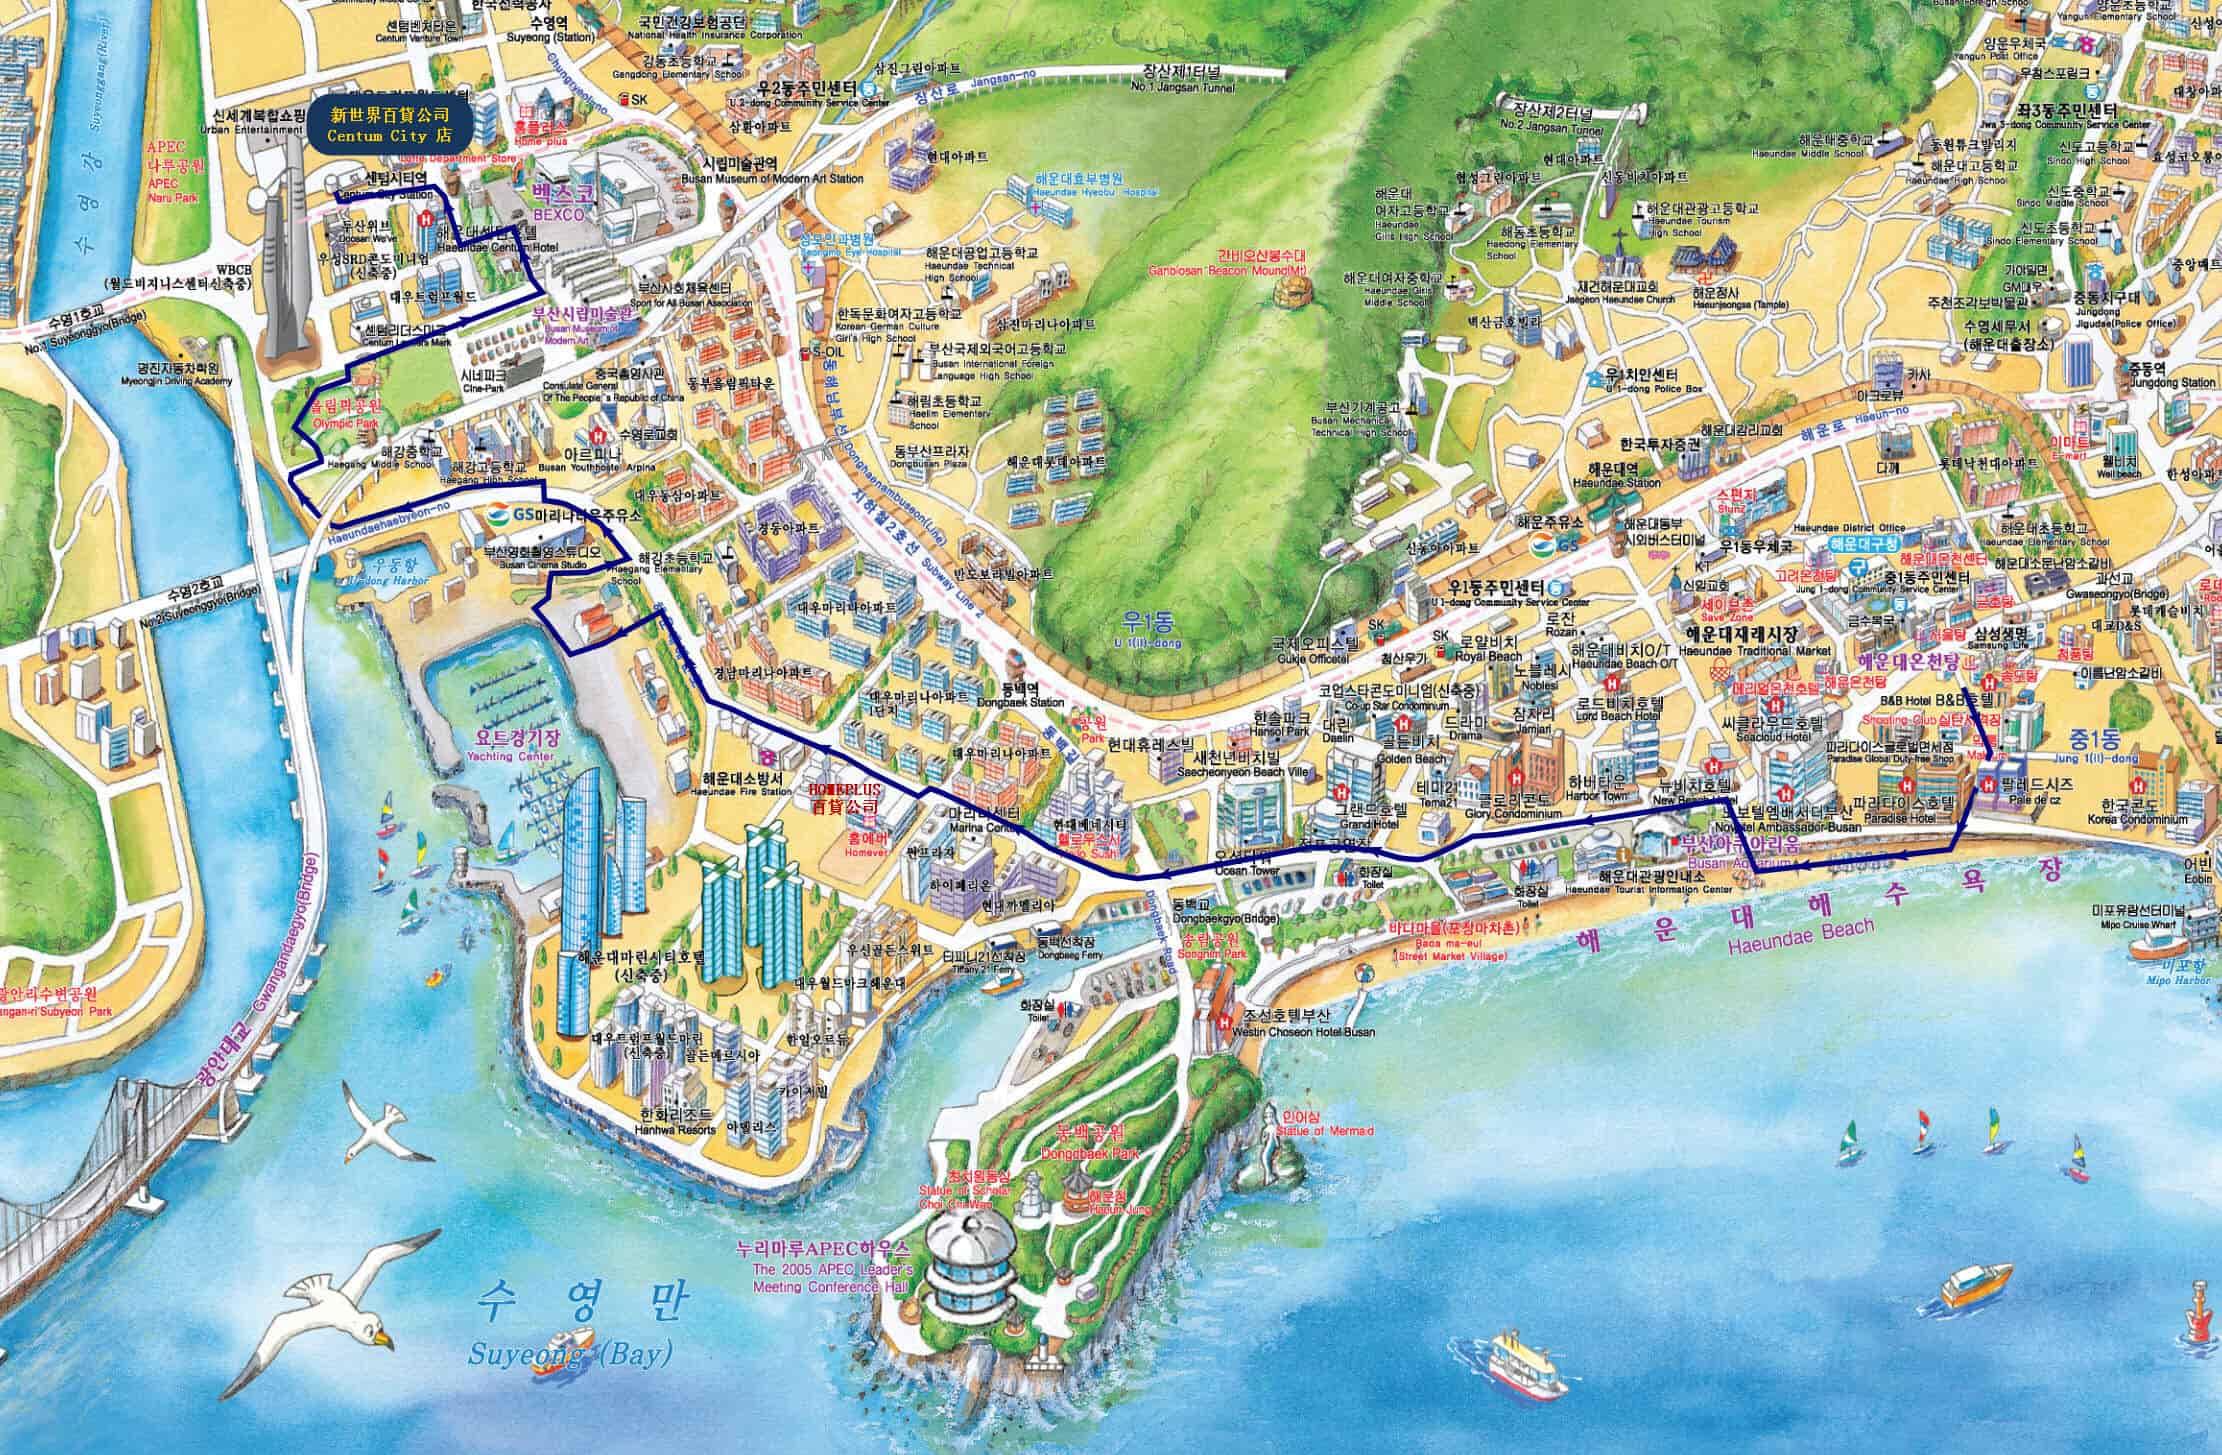 海雲台海浴場往新世界百貨公司 Centum City 店步行路線地圖